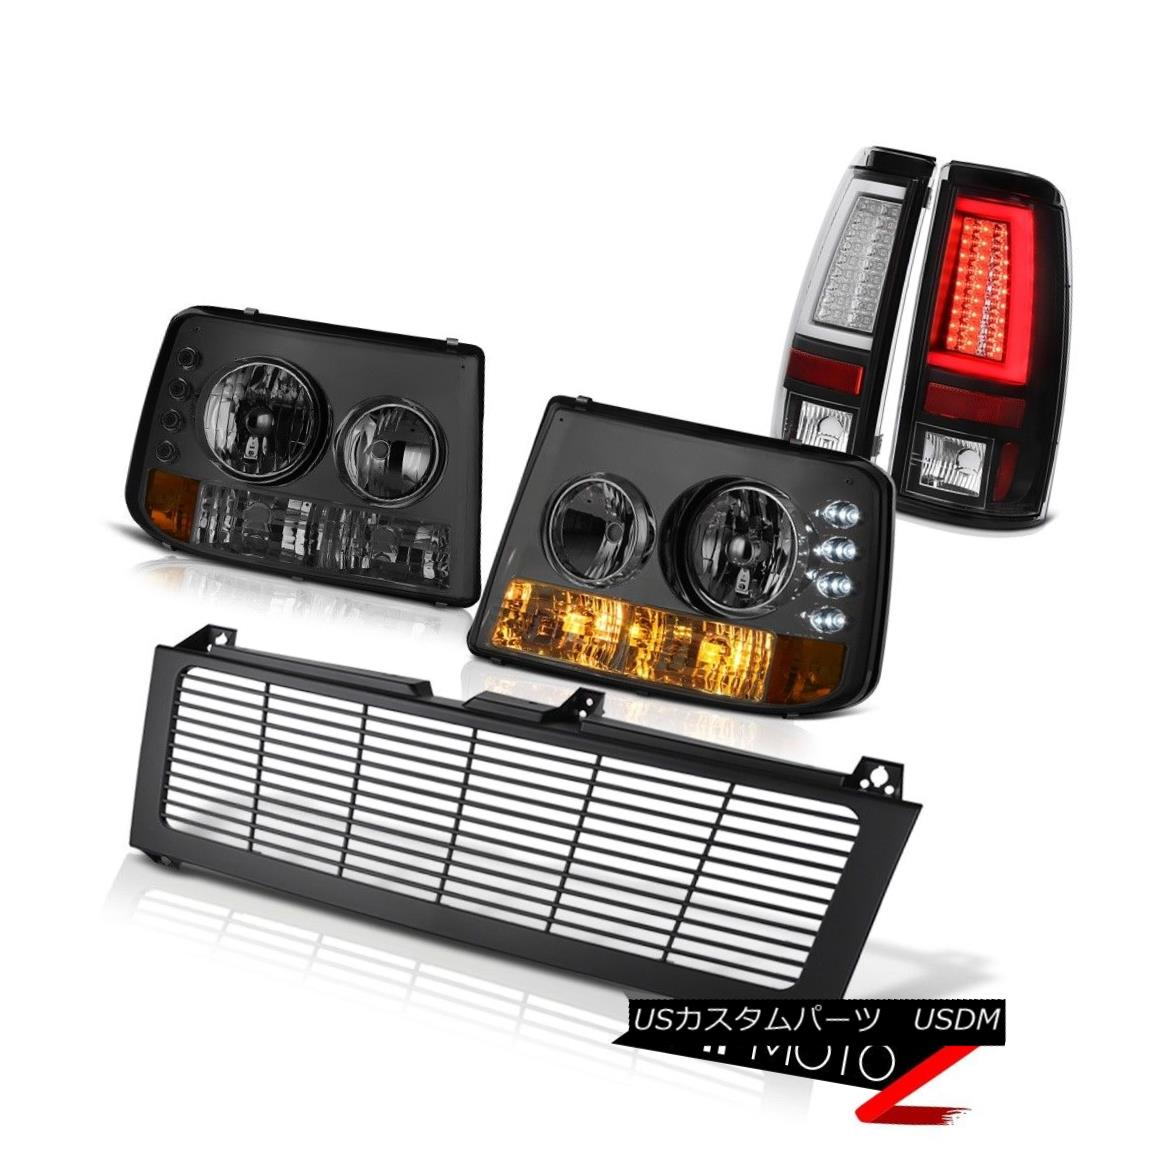 テールライト 99-02 Silverado 4WD Taillights Billet Style Grille Smokey OLED Prism